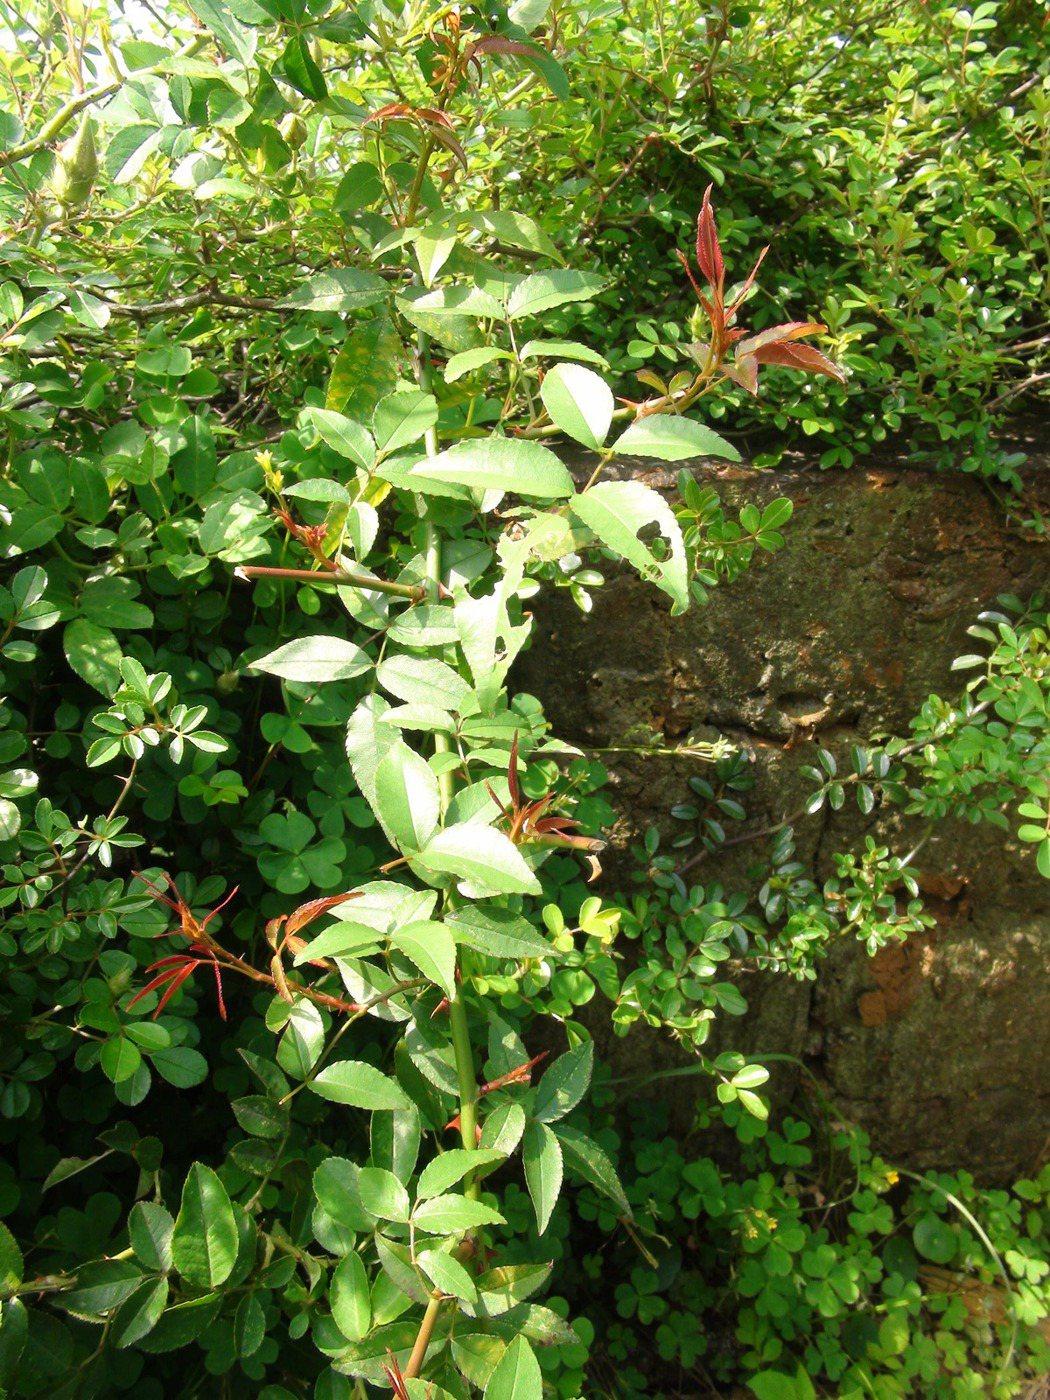 大肚山薔薇及琉球野薔薇都已復育成功,小果薔薇則歷經三年努力,今年終於成功發芽。 ...